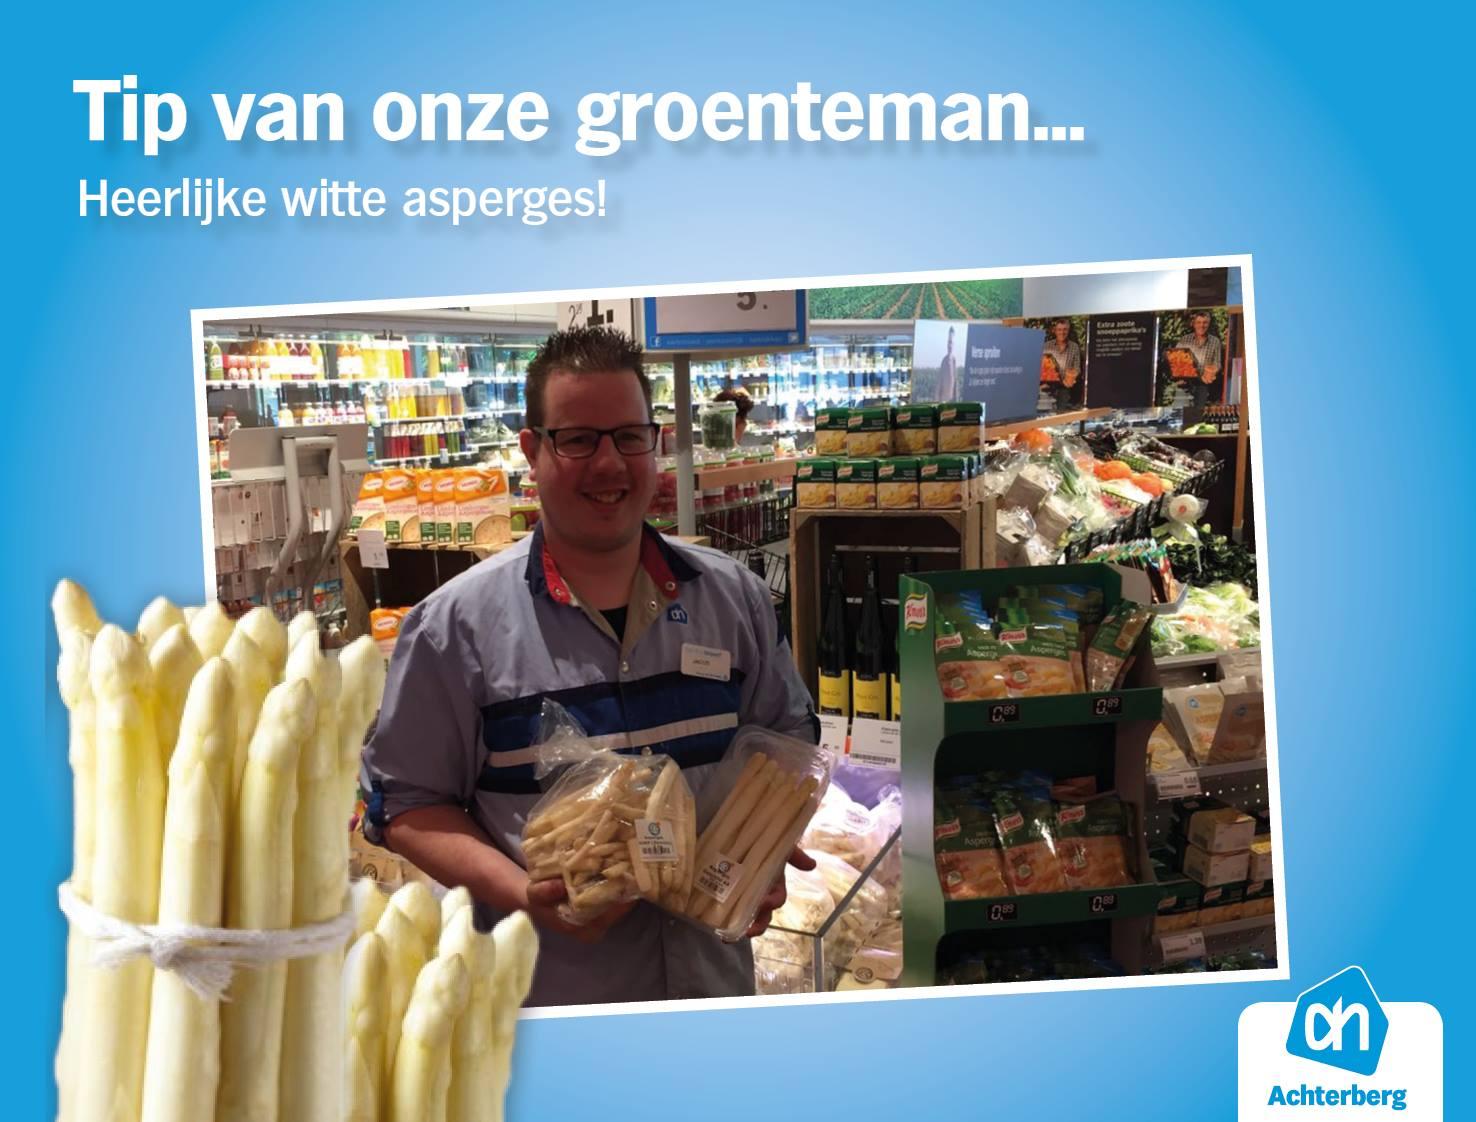 Tip van onze groenteman: heerlijke witte asperges!